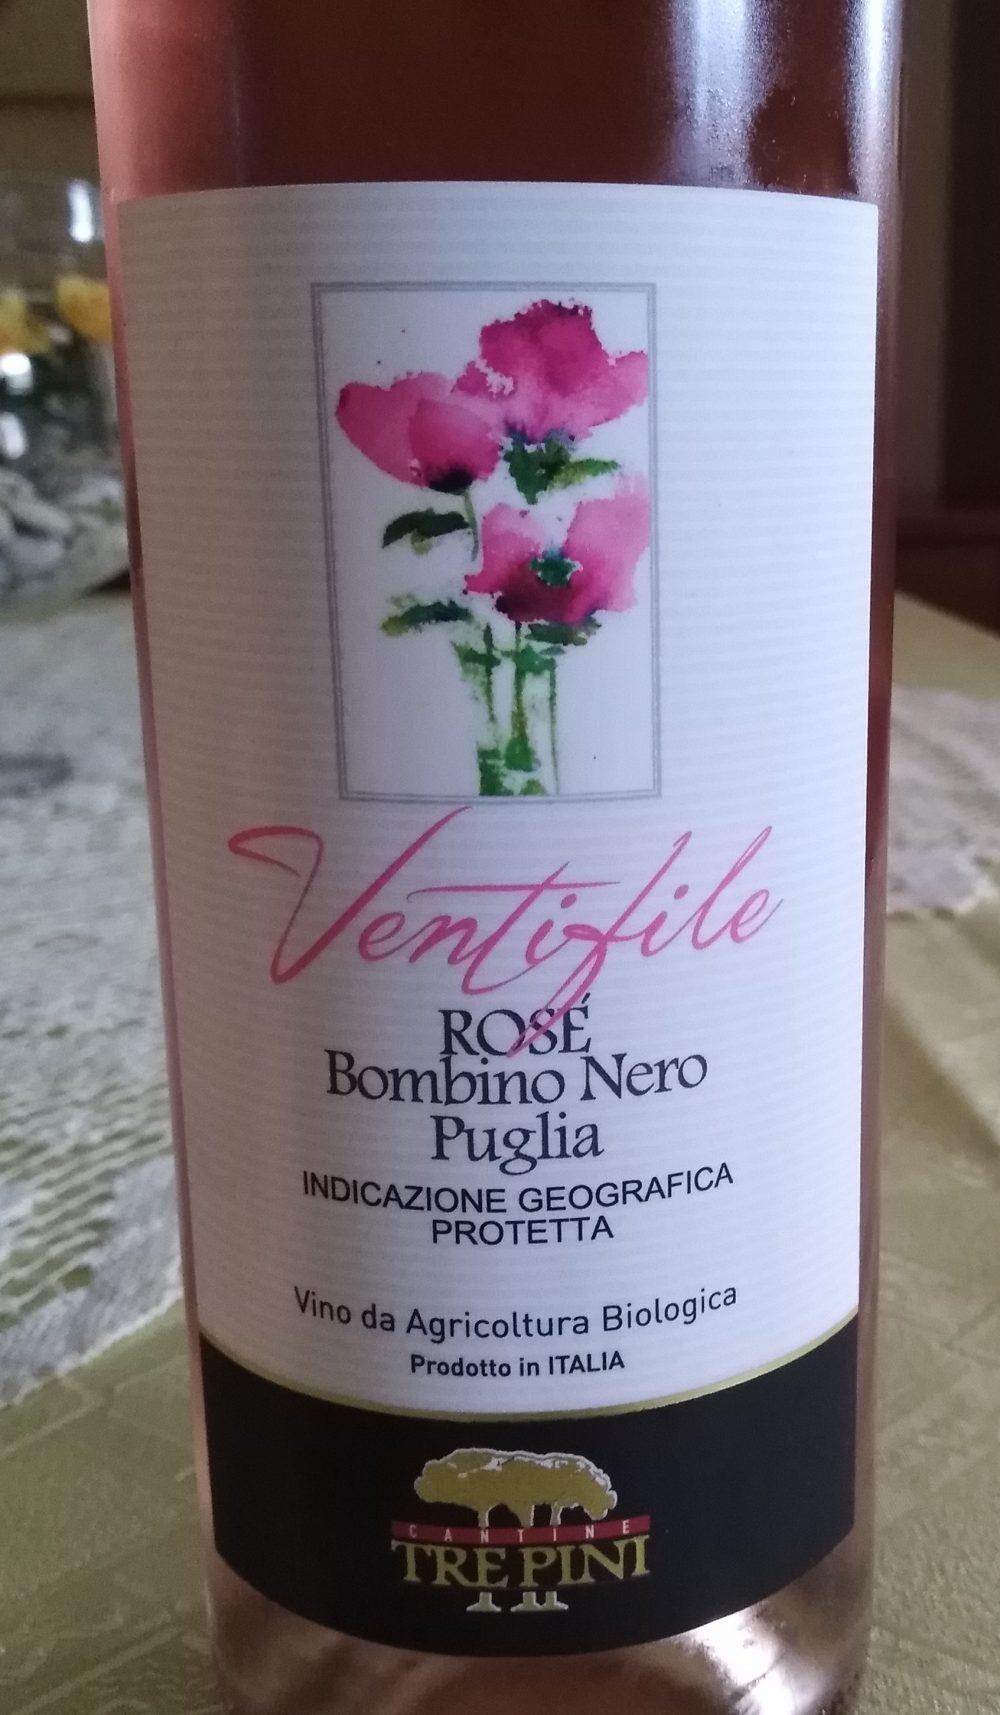 Ventifile Rose' Bombino Nero Puglia Igp 2018 Tre Pini